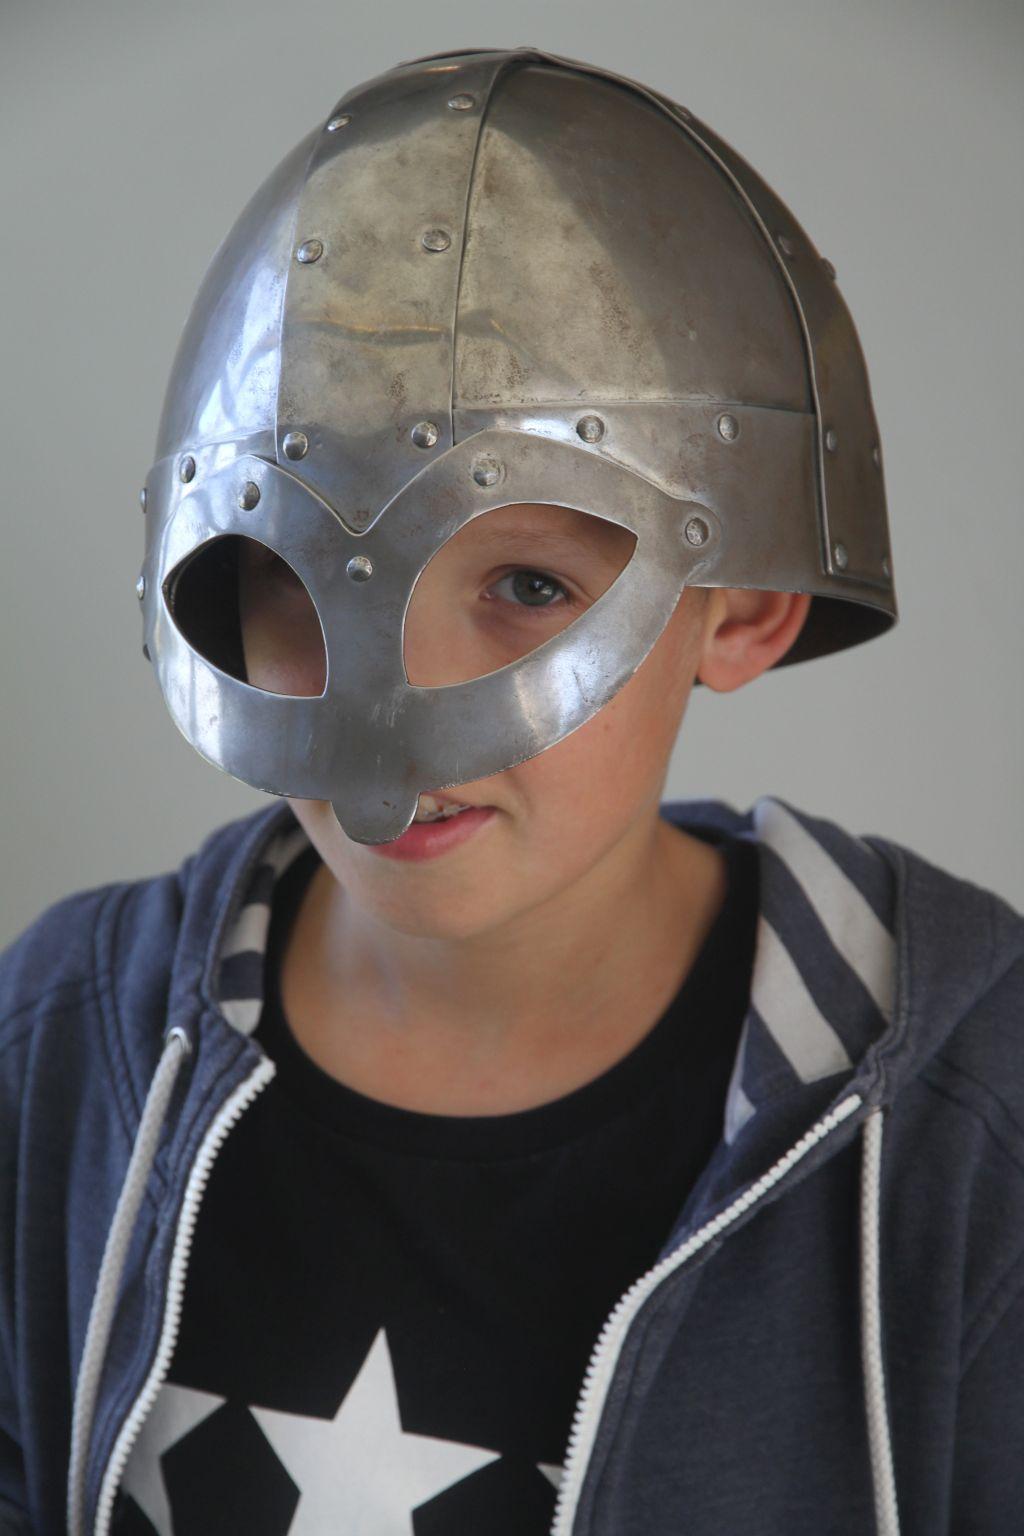 Vikingehjælm